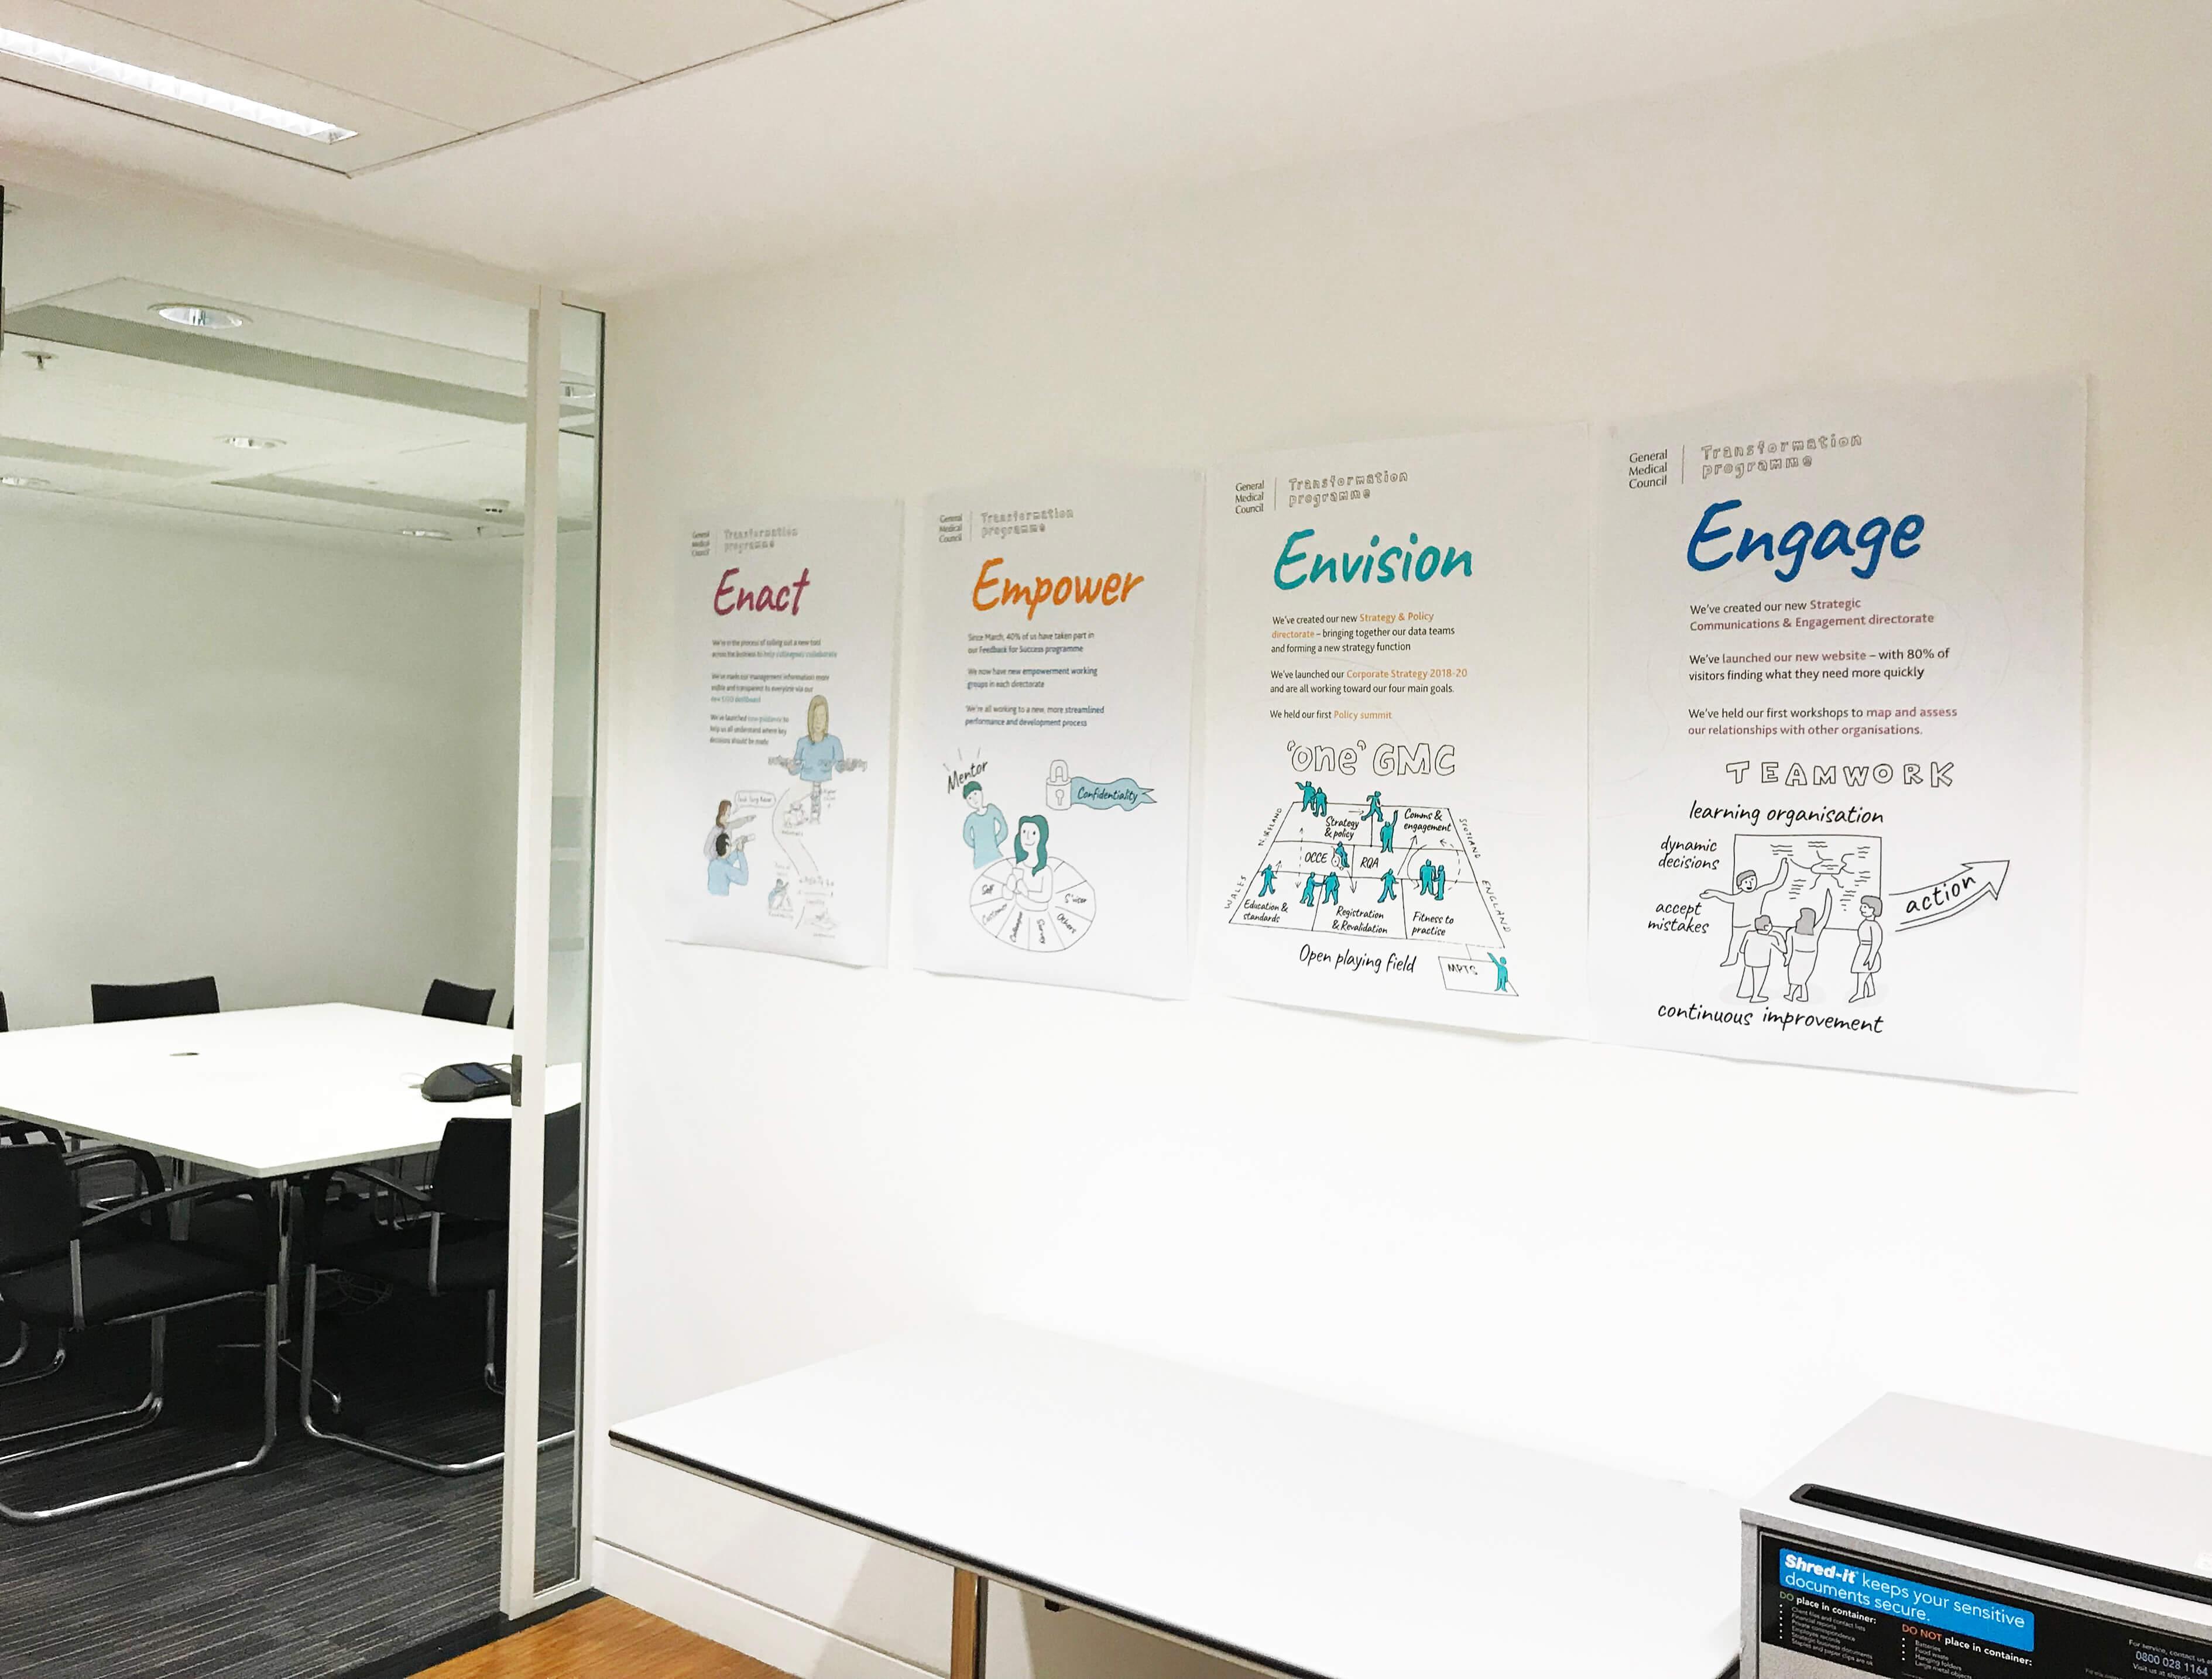 Roadmap Posters